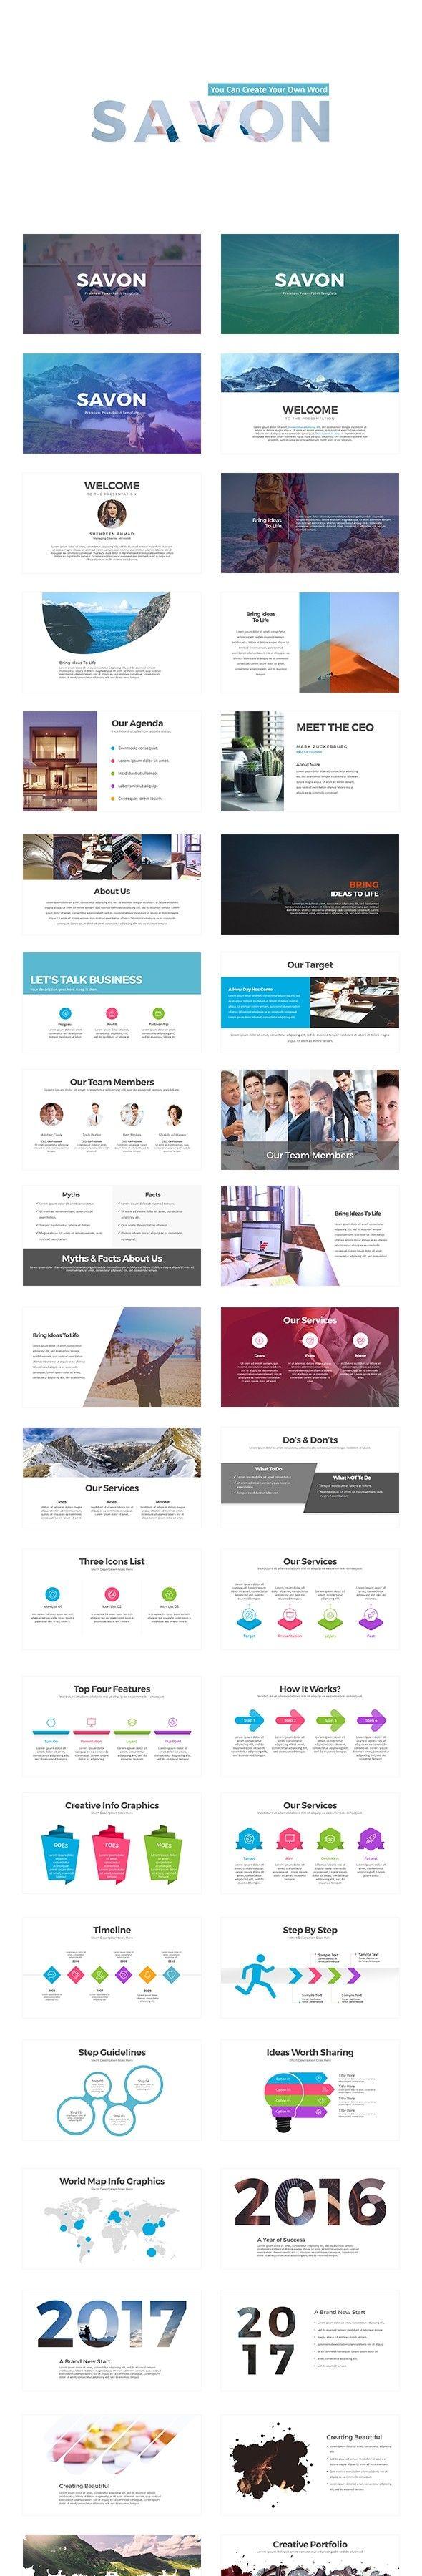 Savon Powerpoint Presentation Template Pinterest